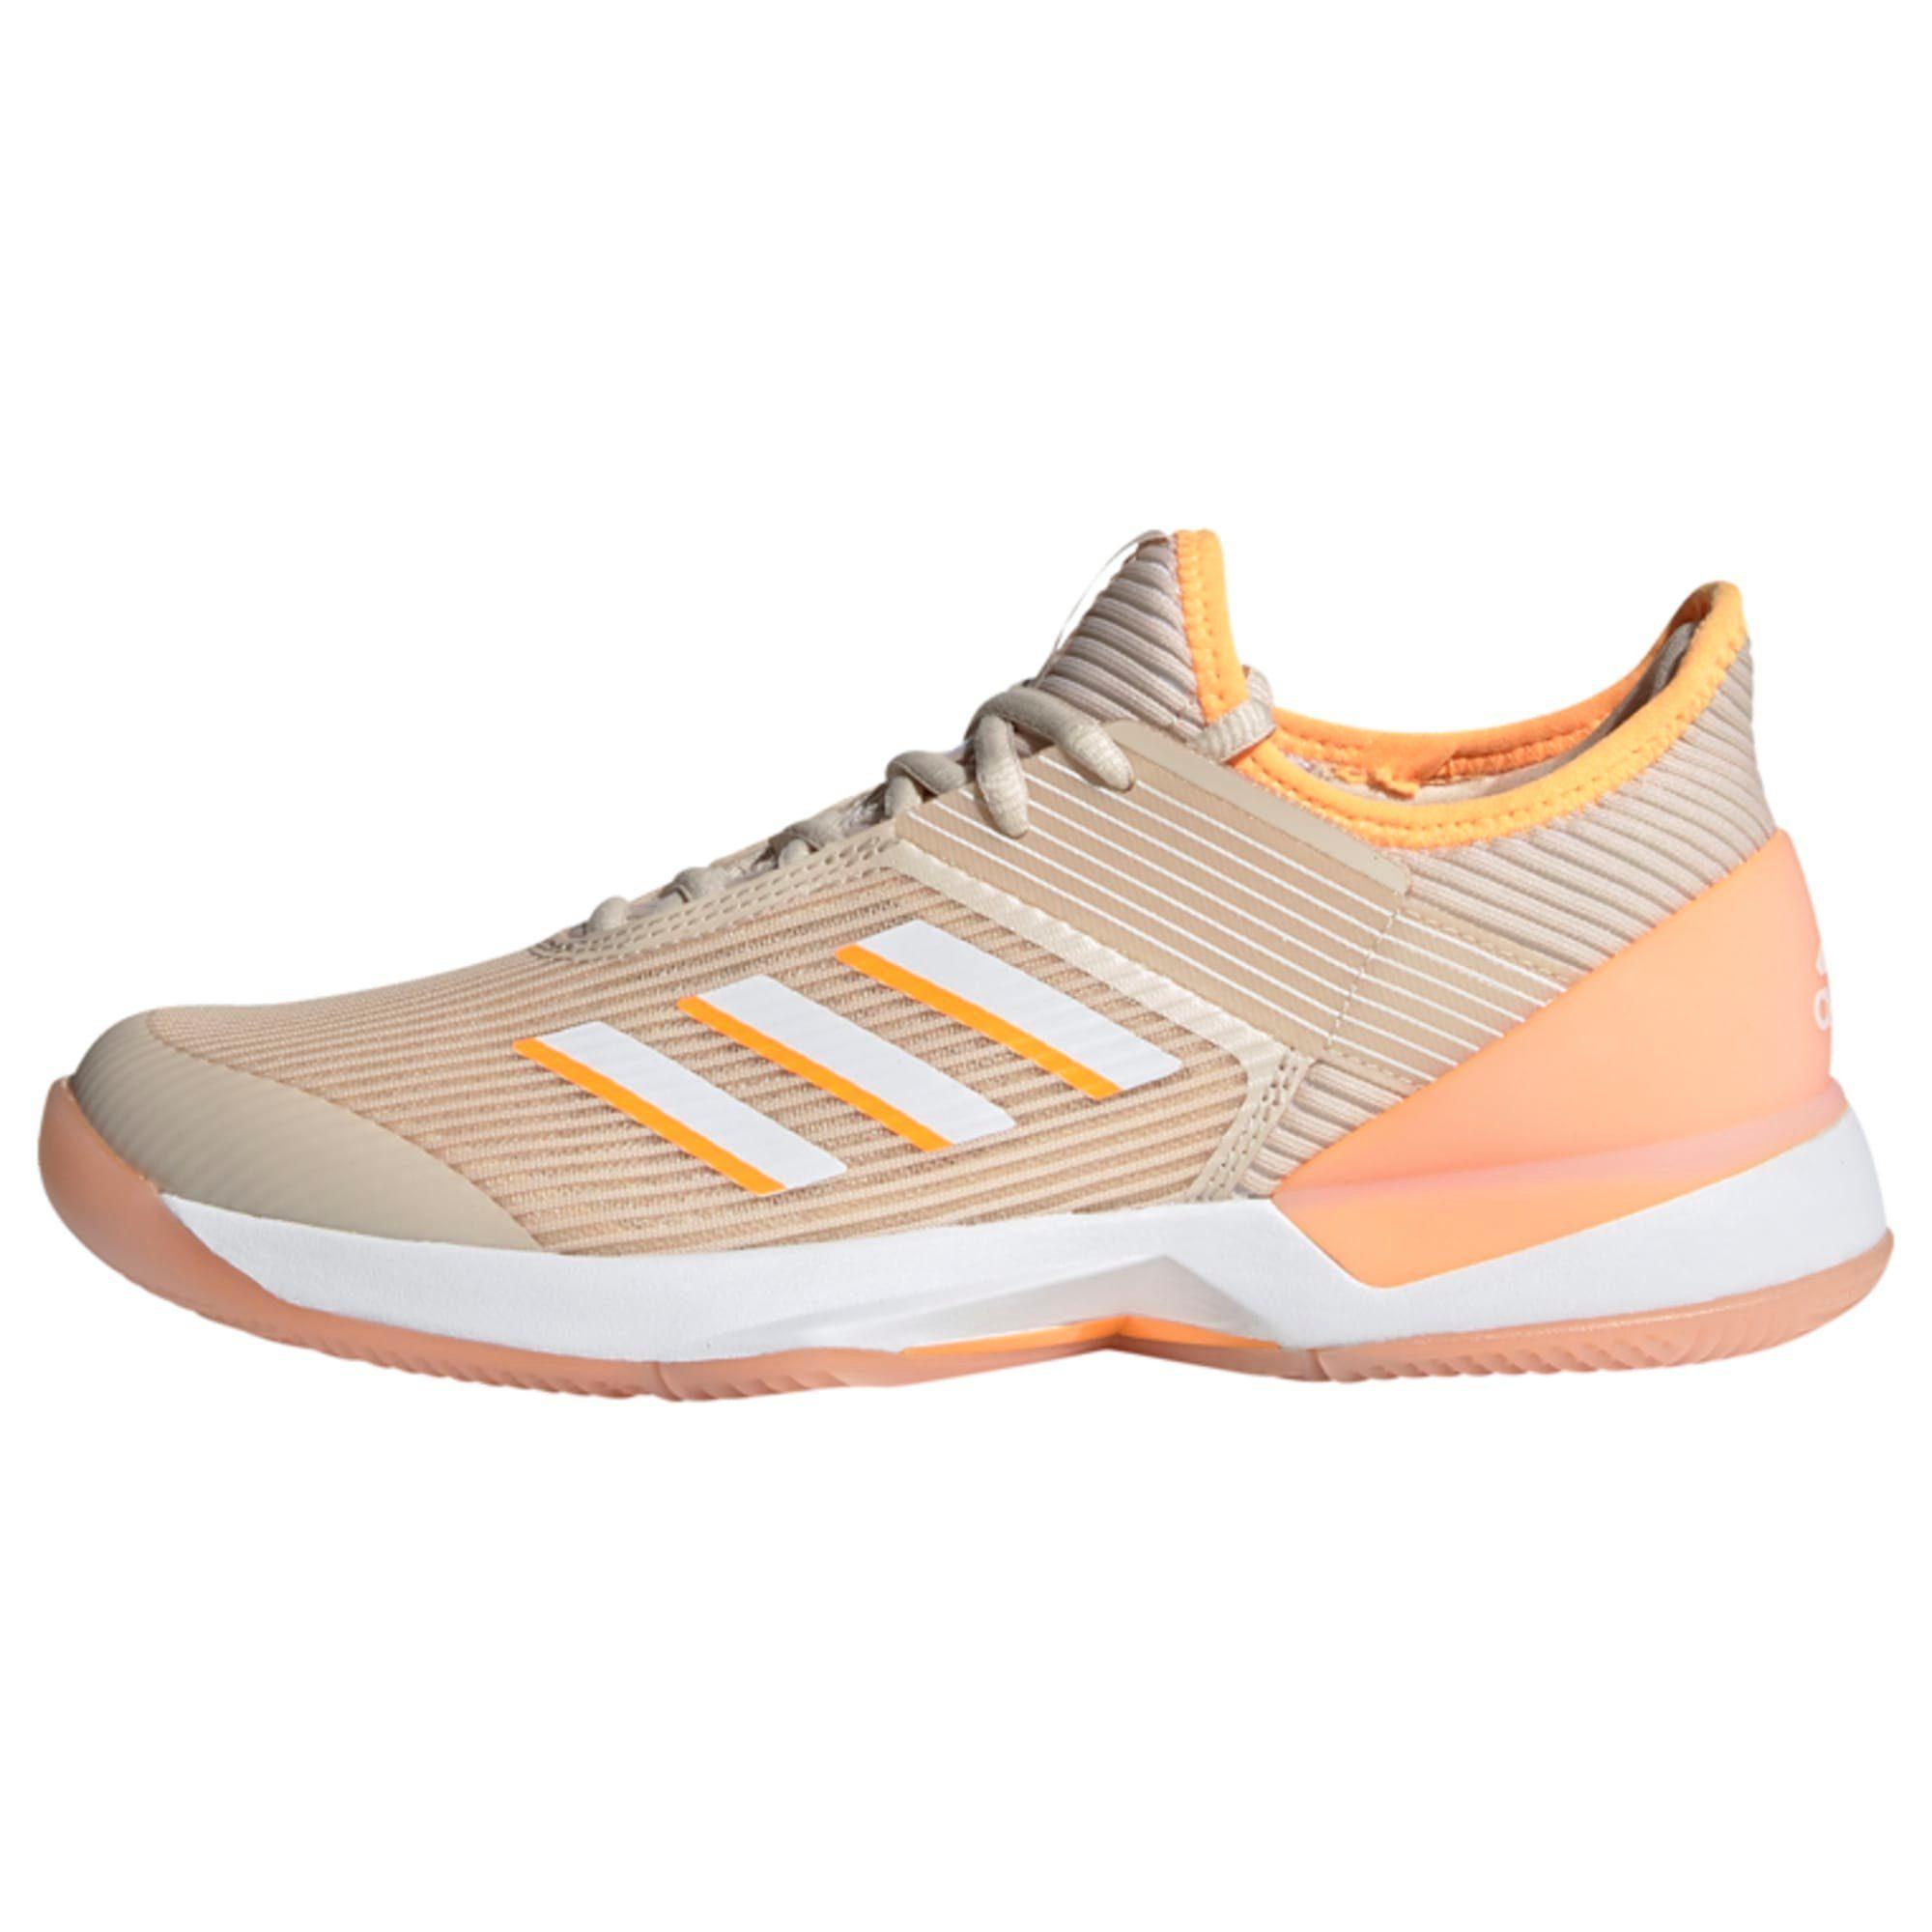 adidas Performance »Adizero Ubersonic 3 Schuh« Laufschuh adizero, Frauenspezifische Passform online kaufen   OTTO